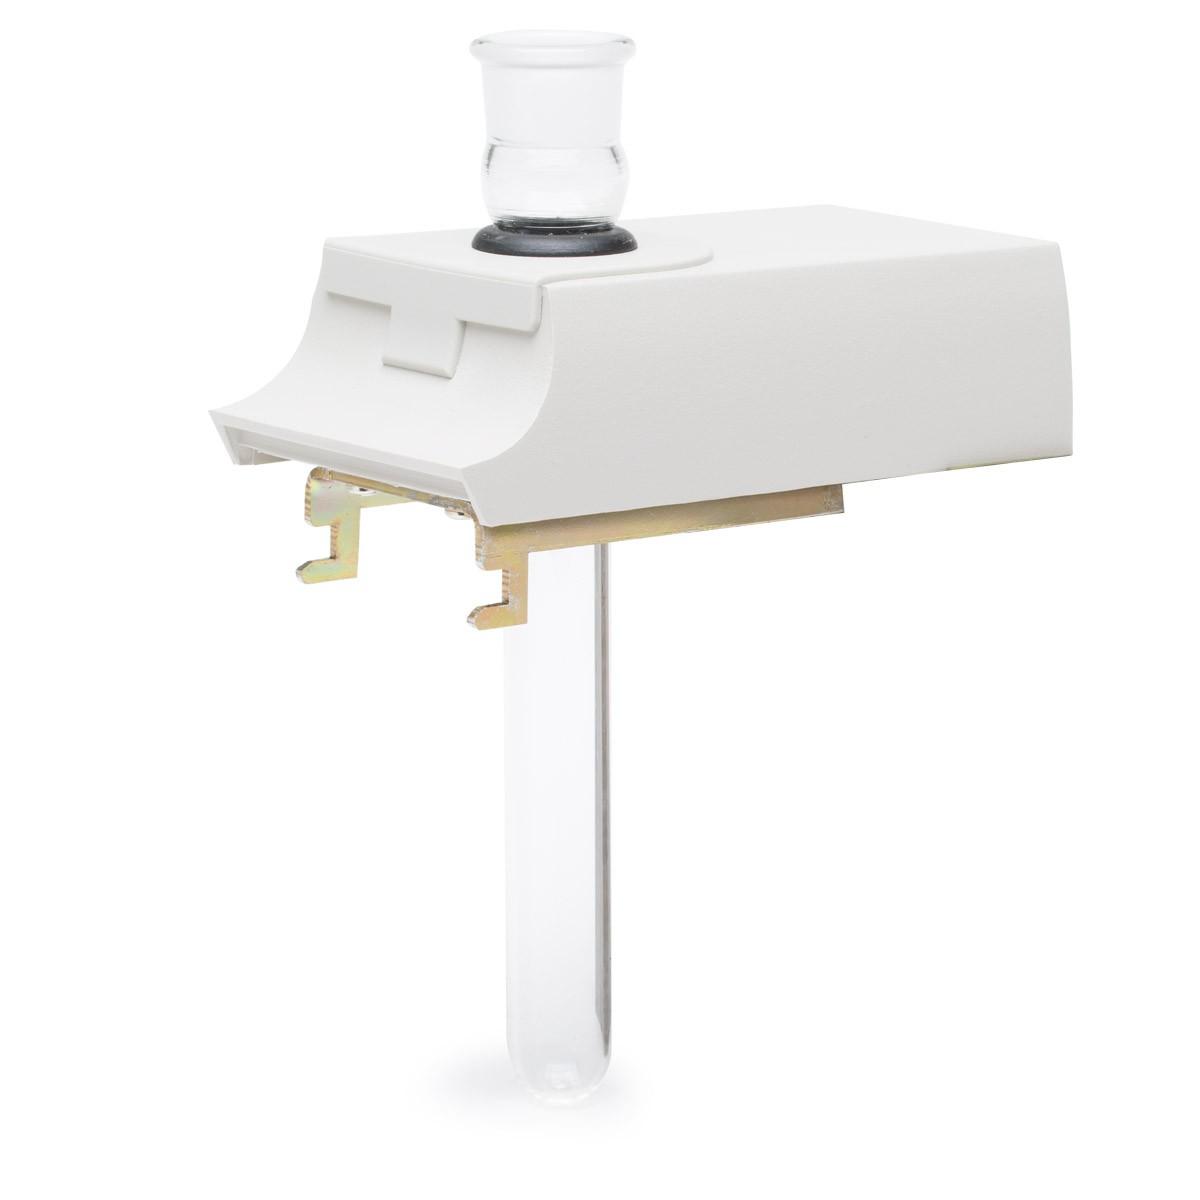 Reagent Adapter Holder Assembly for HI904 - HI900181